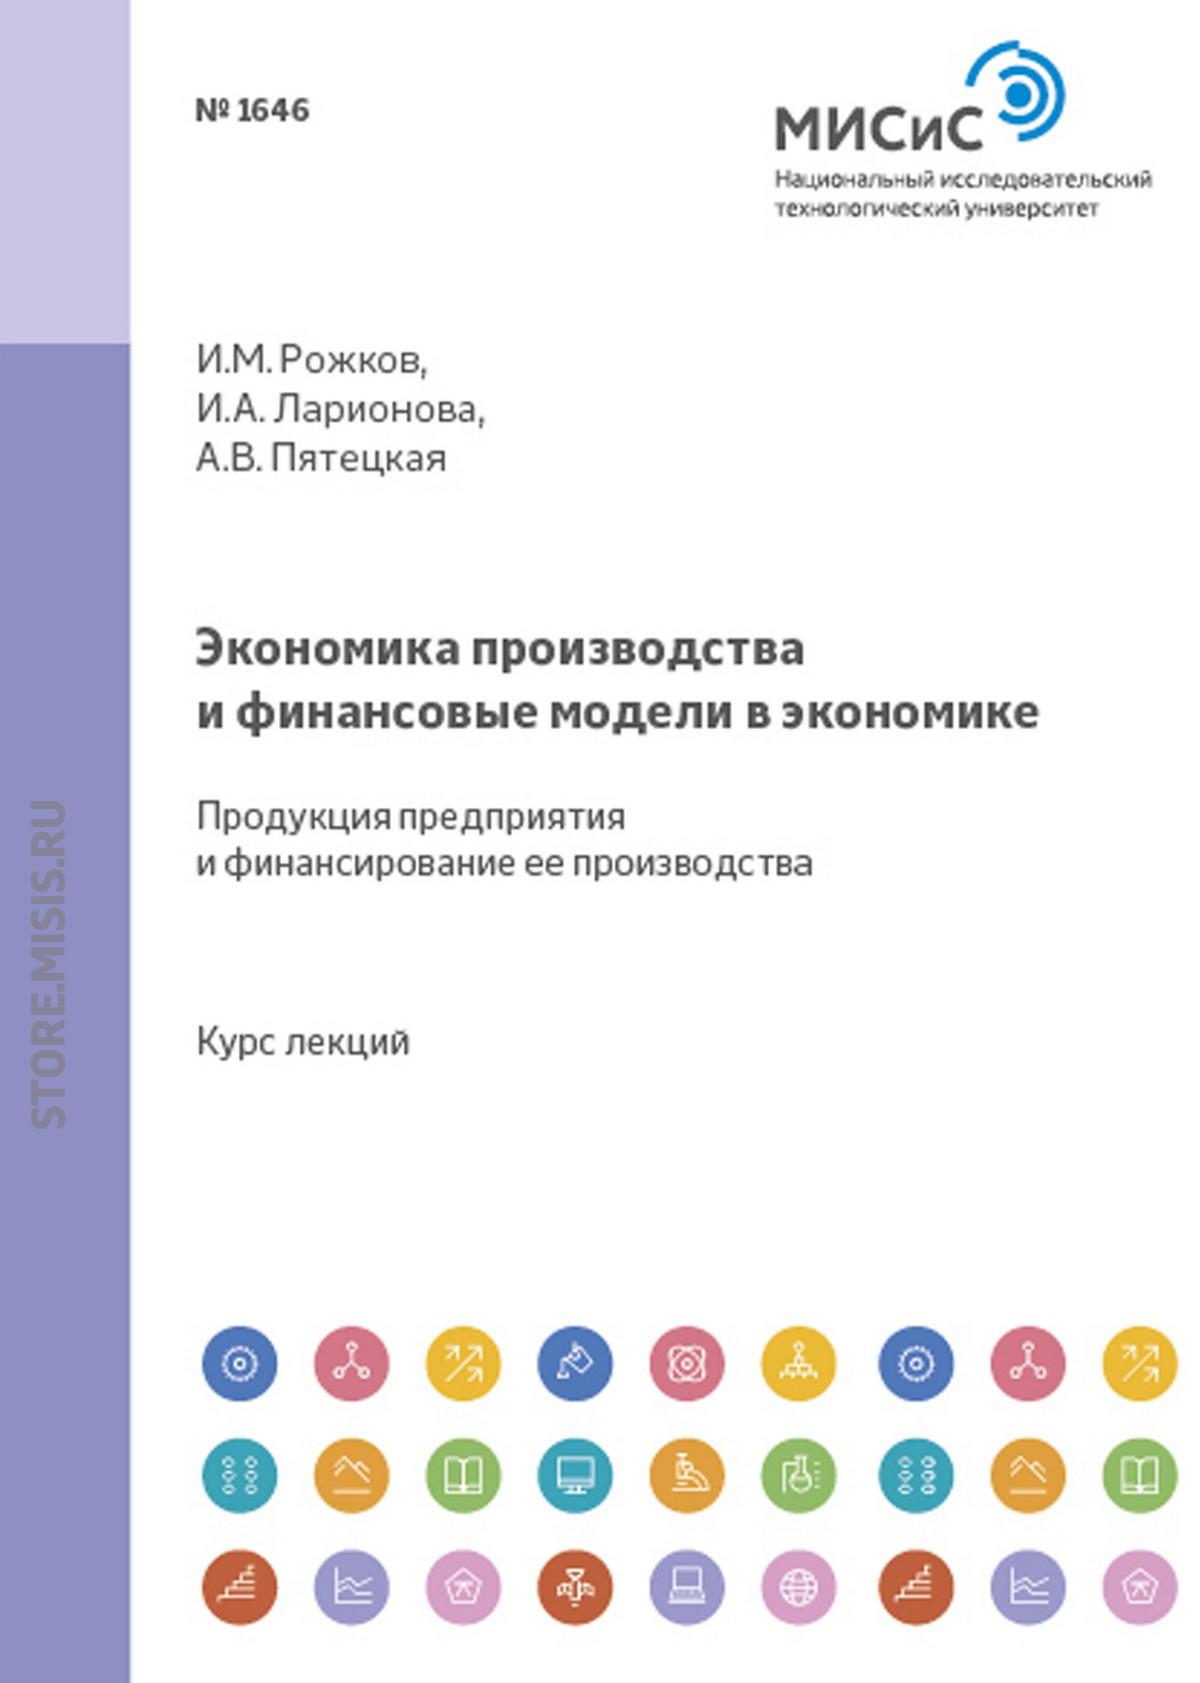 И. А. Ларионова Экономика производства и финансовые модели в экономике. Продукция предприятия и финансирование ее производства цены онлайн